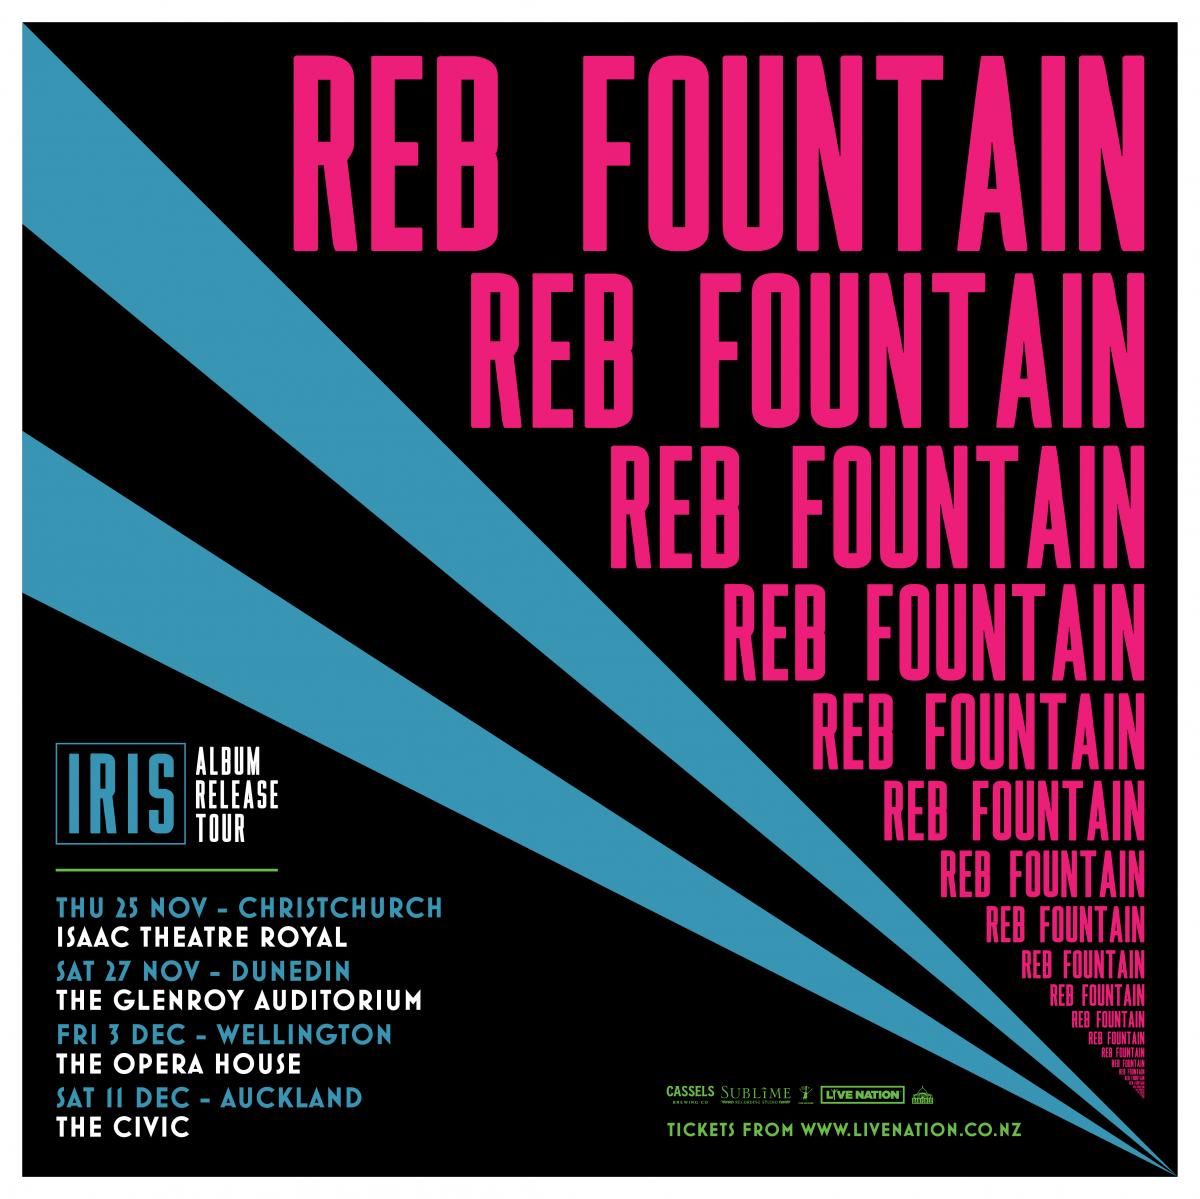 Reb Fountain